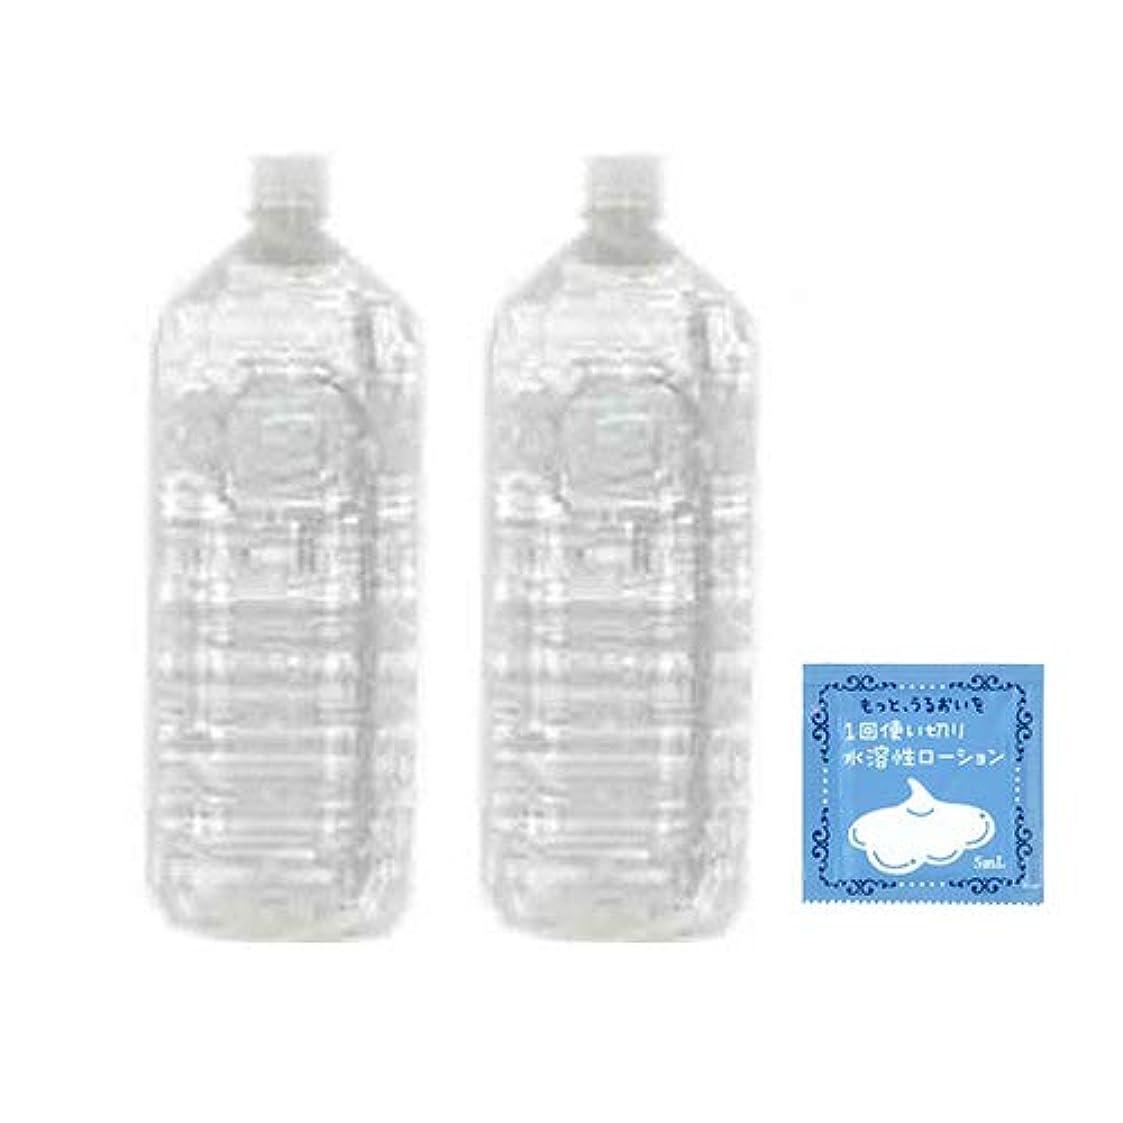 起きてレンドうんクリアローション 2Lペットボトル ハードタイプ(5倍濃縮原液) × 2本セット + 1回使い切り水溶性潤滑ローション